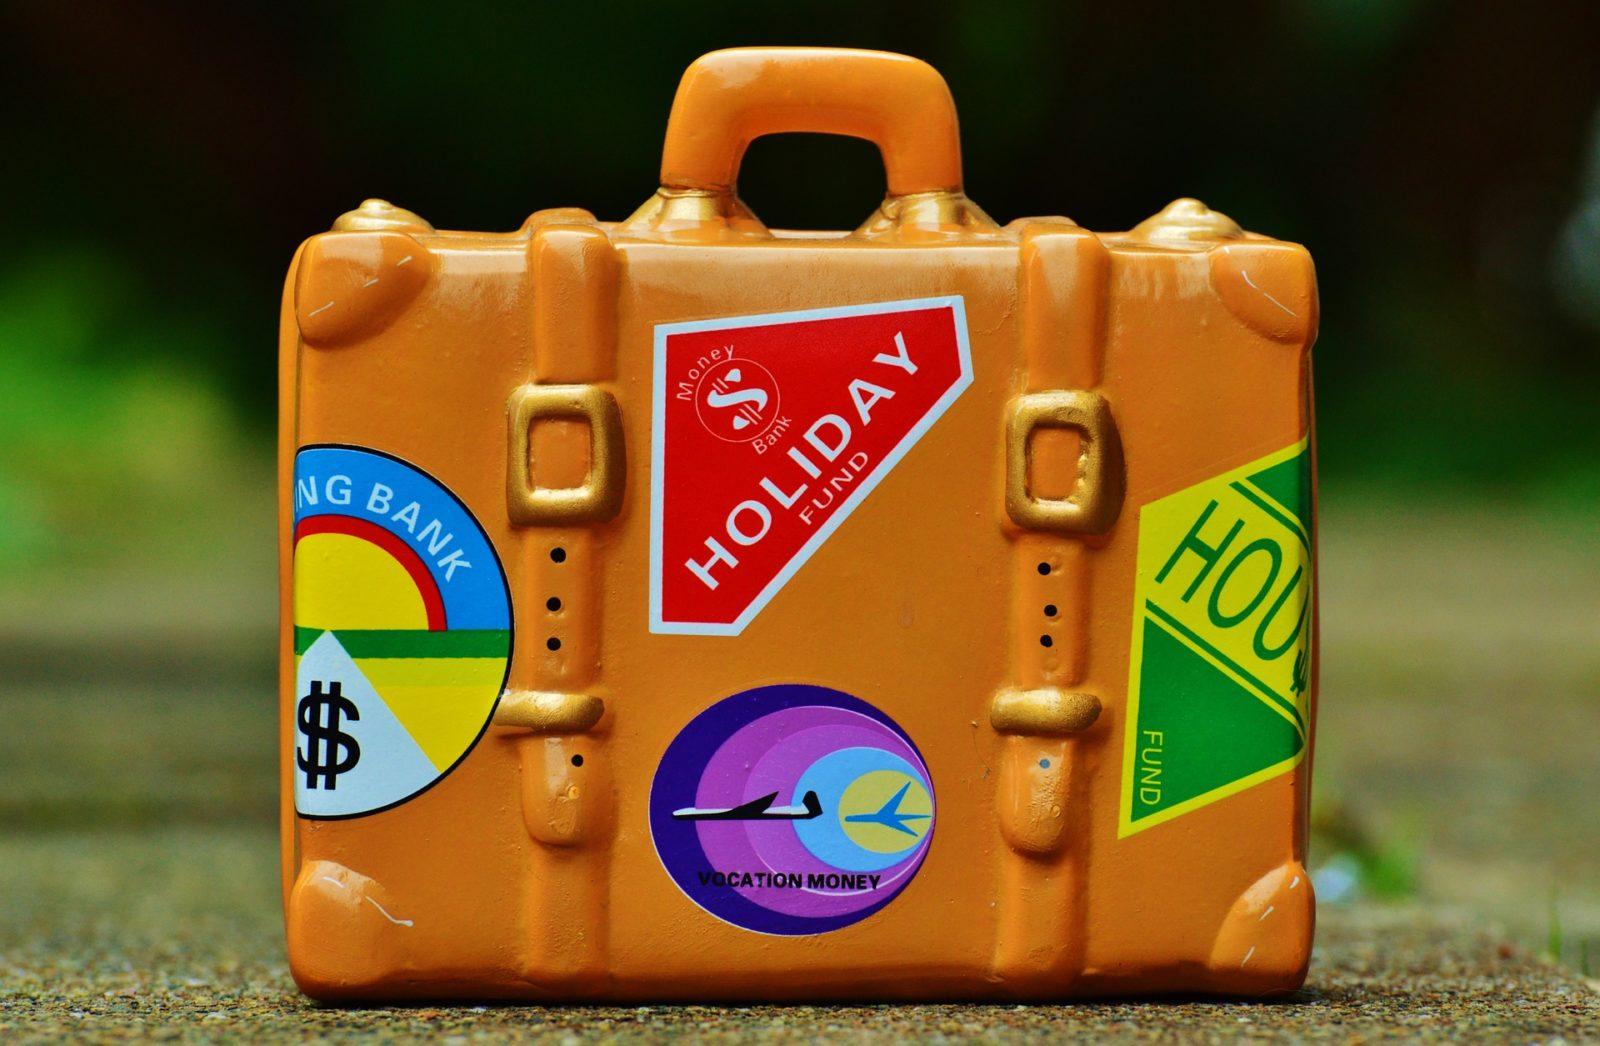 Pomarańczowa walizka z mnóstwem naklejek podróżnych